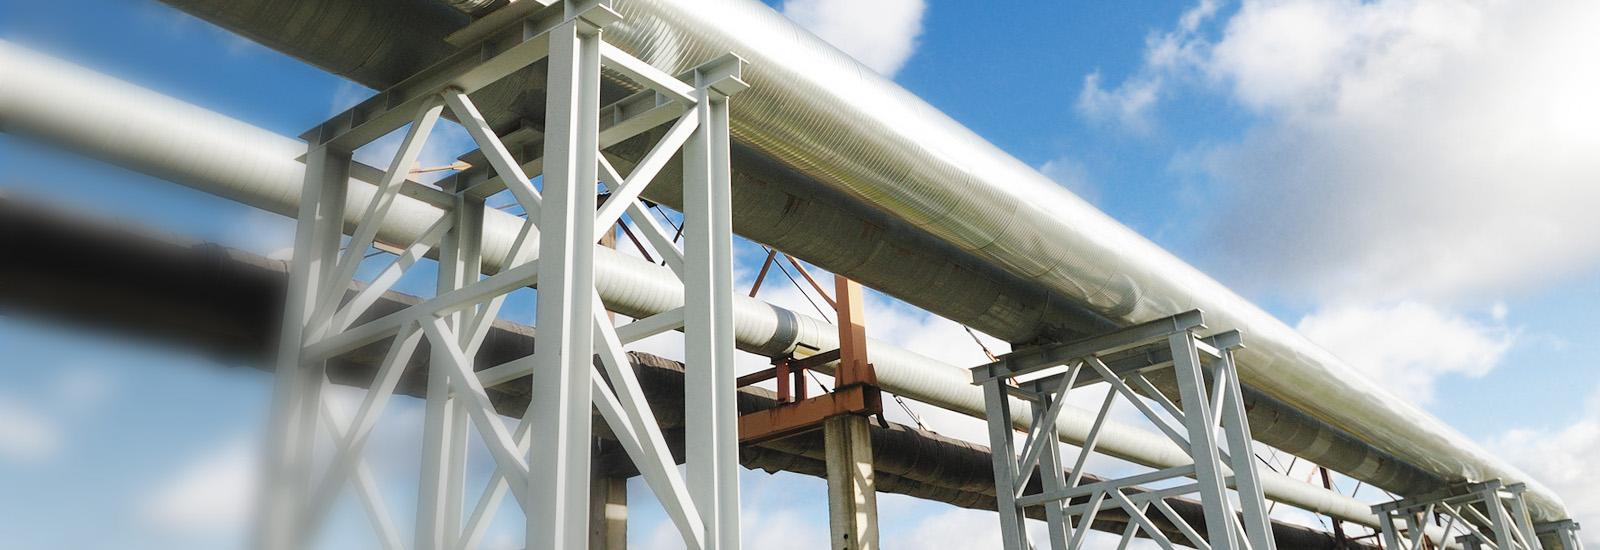 Ocelové konstrukce výroba, údržba a montáž